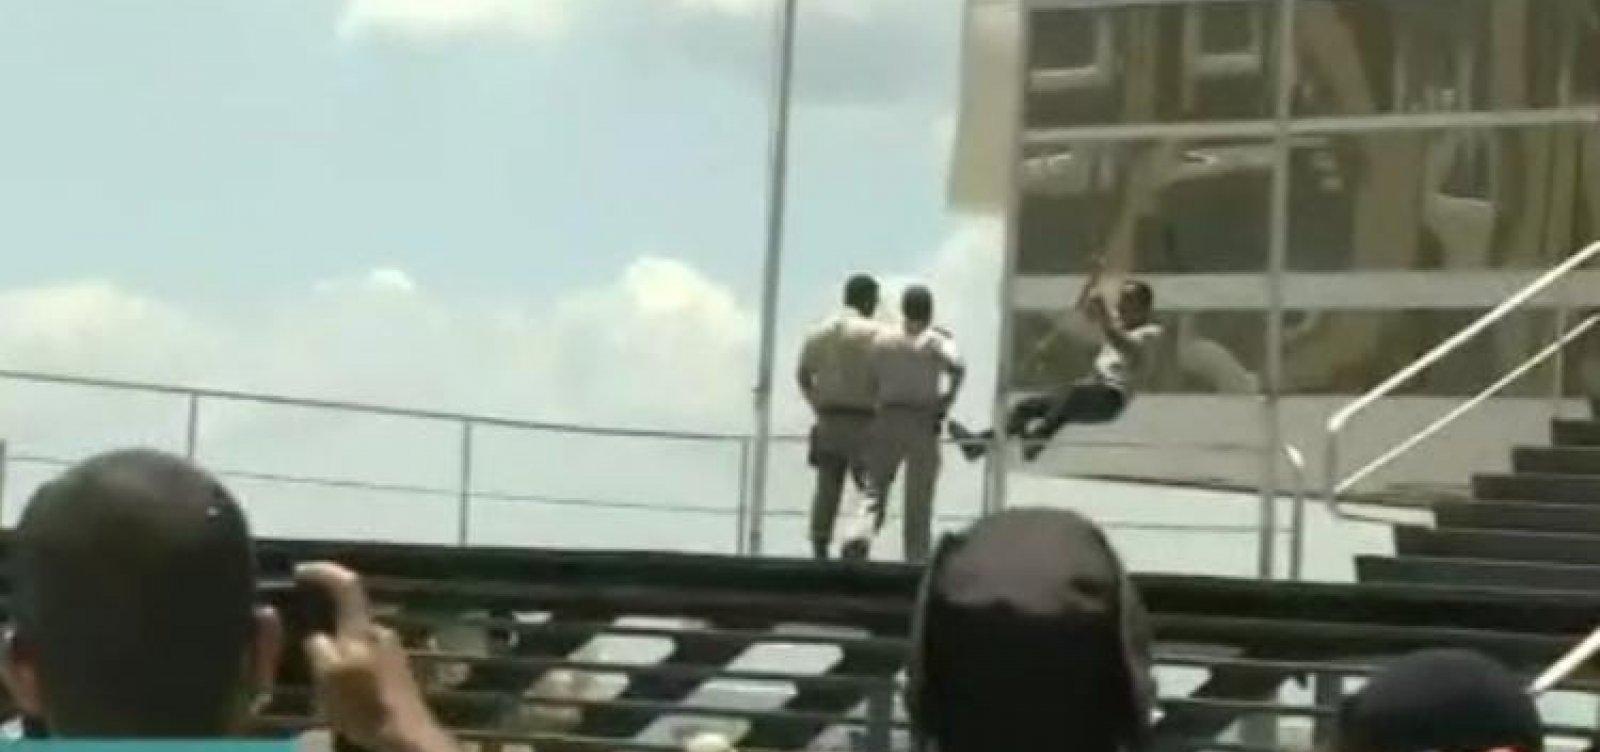 [Homem tenta invadir prefeitura e é detido durante protesto contra medidas restritivas em Salvador]